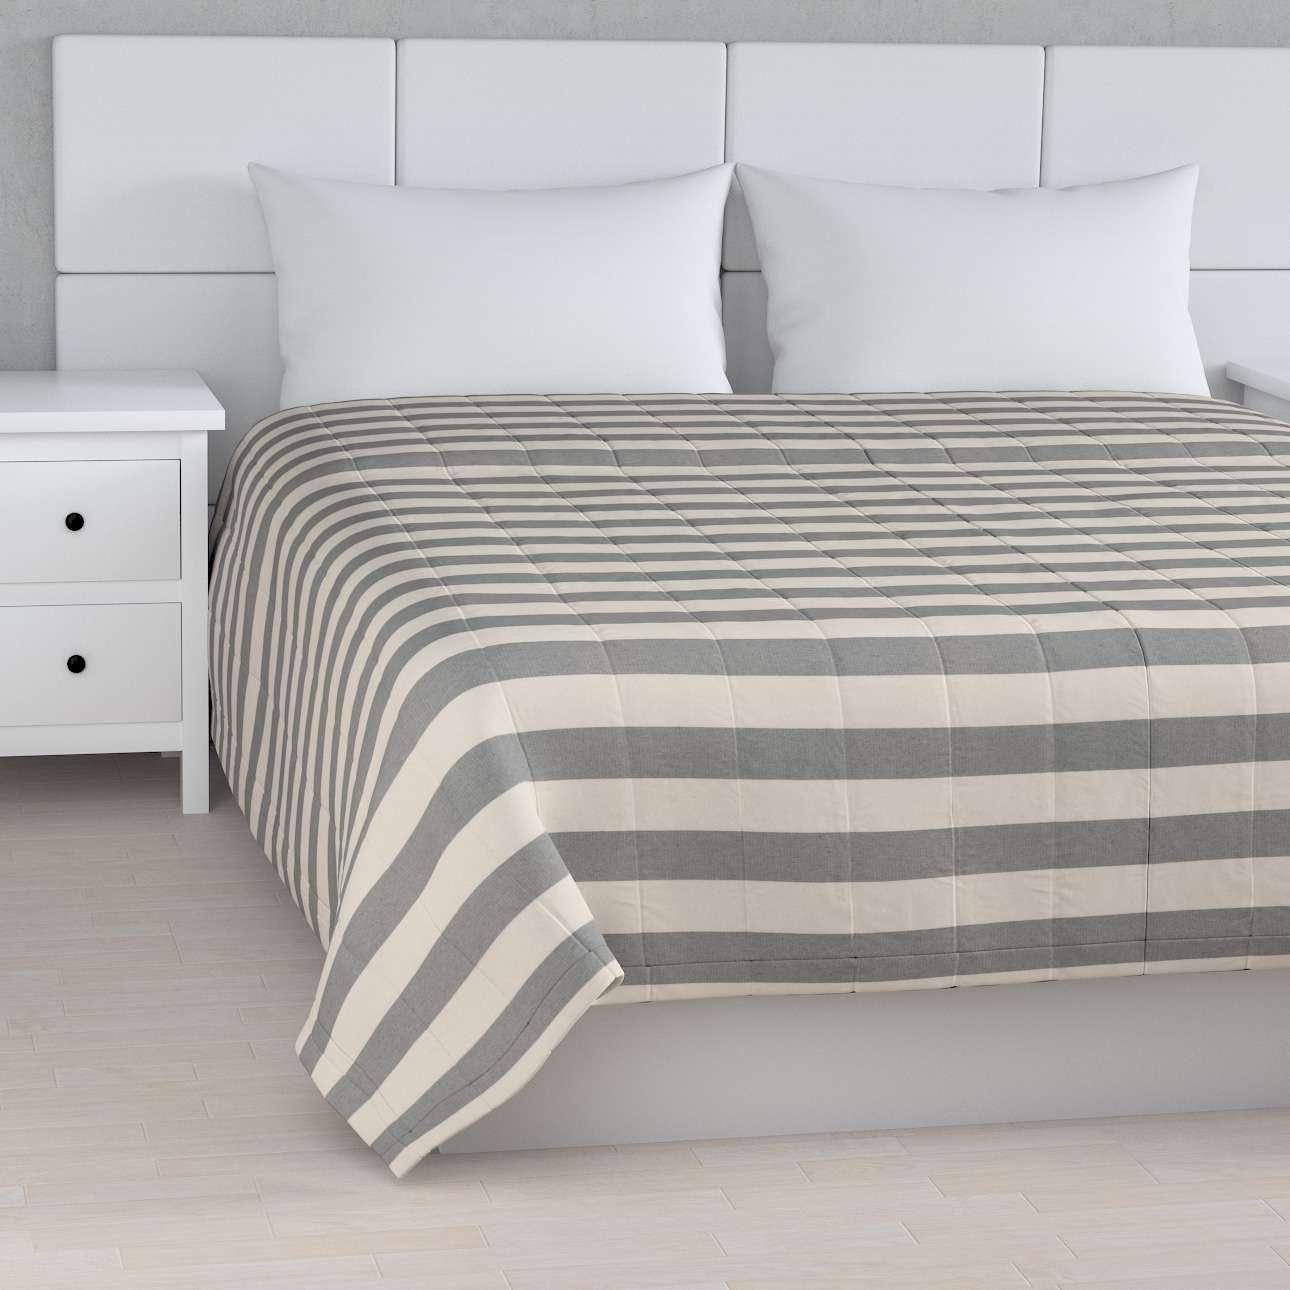 Tagesdecke mit Streifen-Steppung von der Kollektion Quadro, Stoff: 142-71